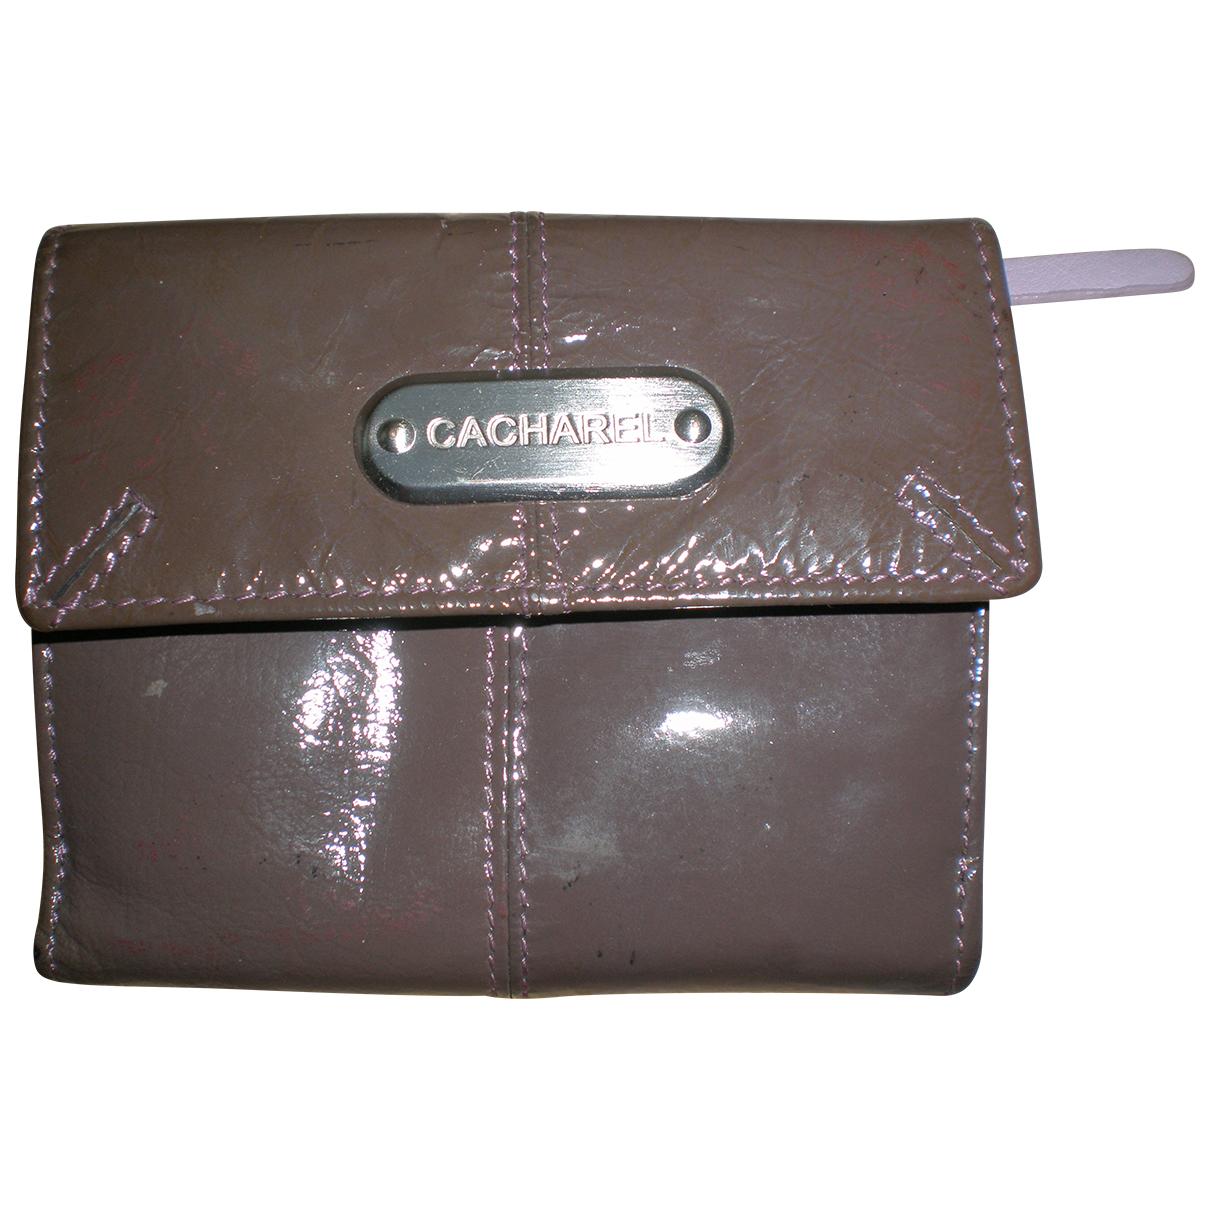 Cacharel - Portefeuille   pour femme en cuir verni - marron